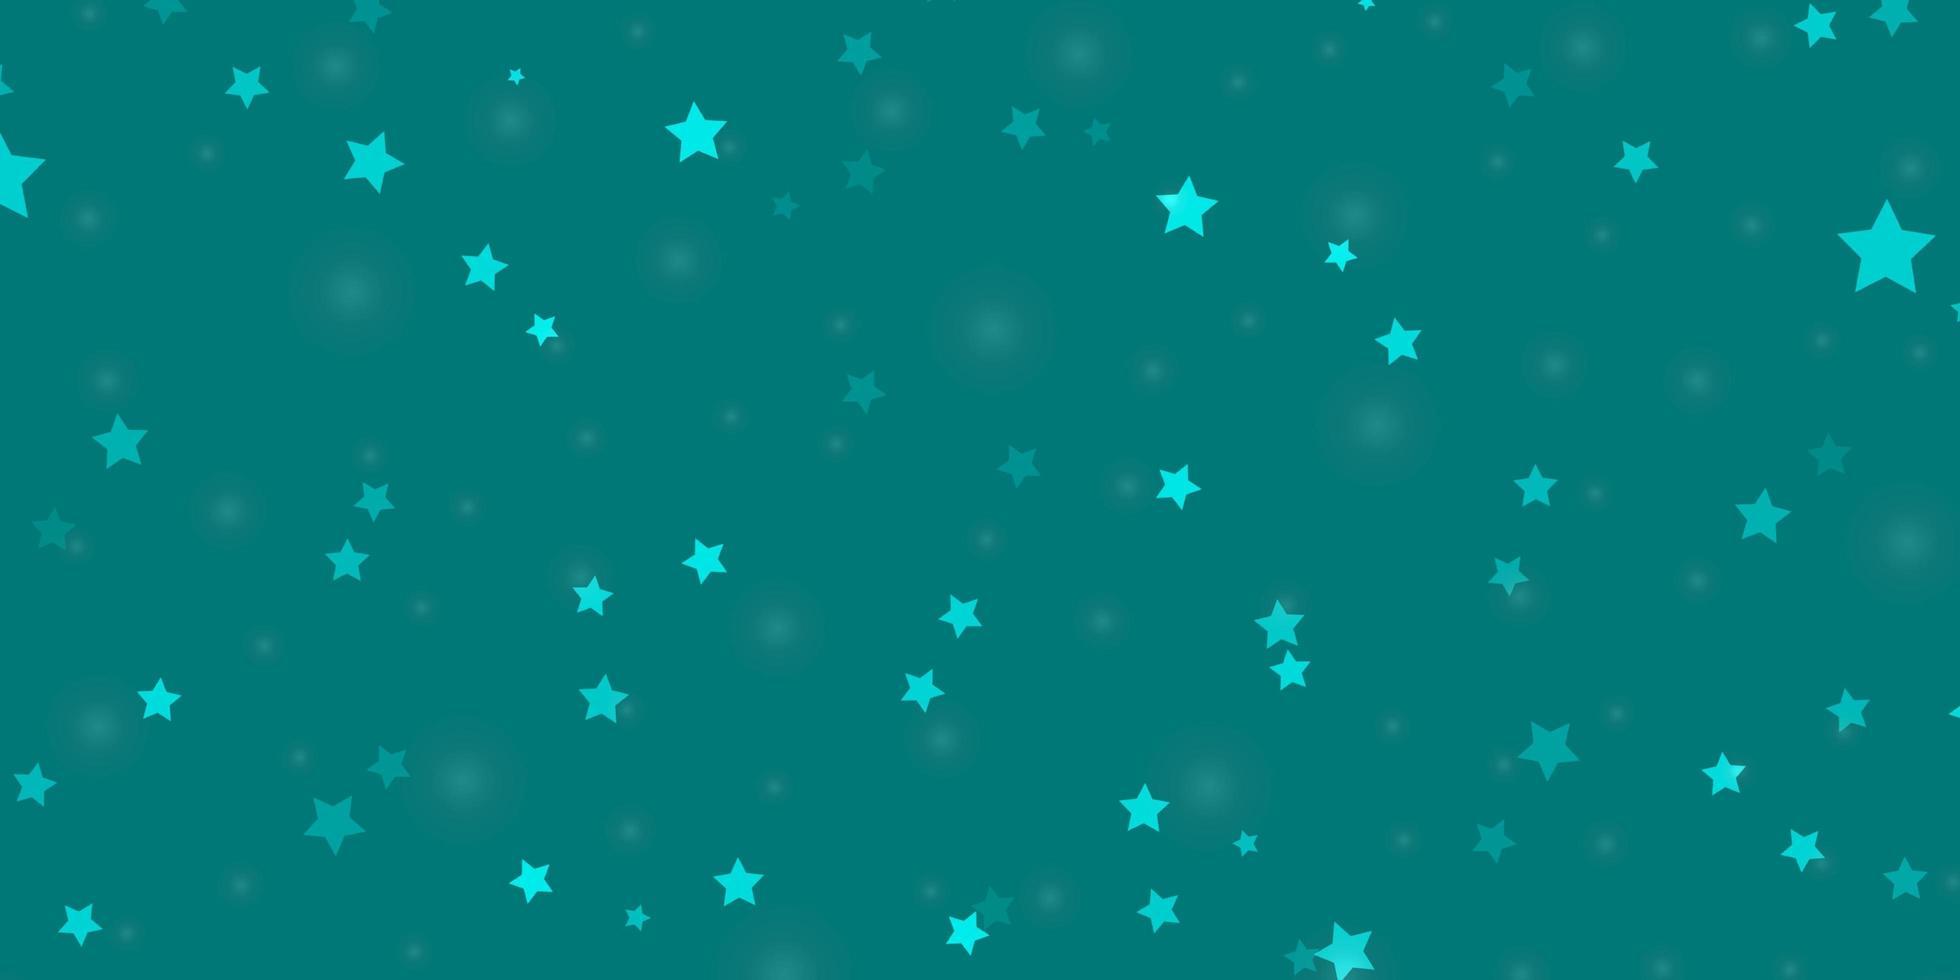 texture de vecteur bleu clair avec de belles étoiles.